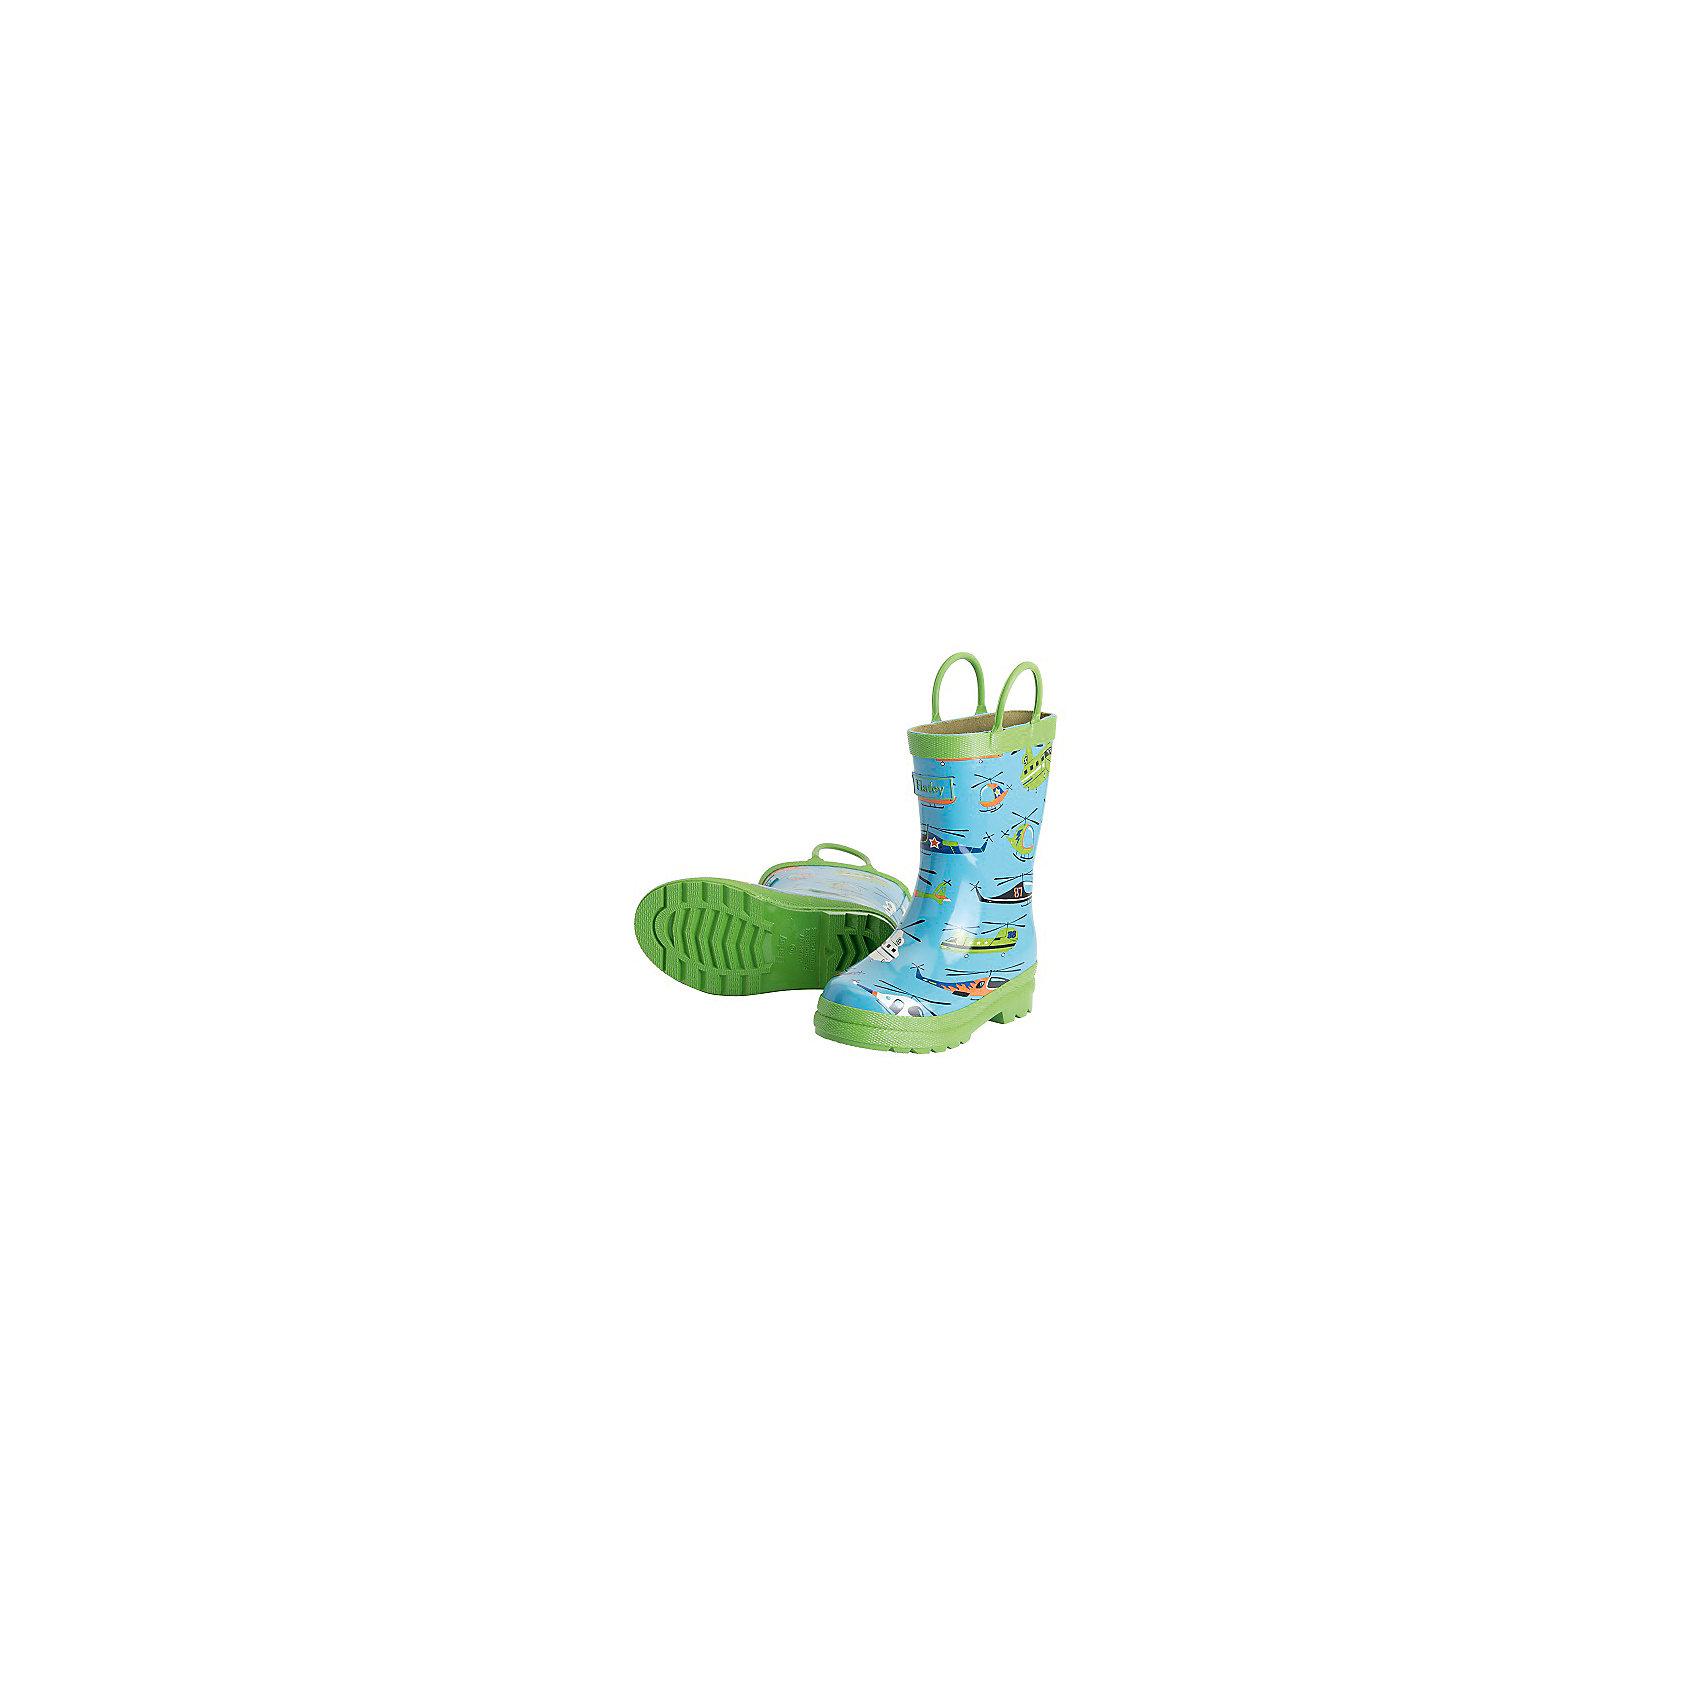 Резиновые сапоги для мальчика HatleyРезиновые сапоги<br>Резиновые сапоги для мальчика Hatley<br><br>Характеристики:<br><br>• Состав: верх - каучук синтетический 100%, подкладка - 100% хлопок<br>• Цвет: голубой, зеленый<br><br>Яркие, стильные и модные резиновые сапоги для мальчика сделаны из высококачественных материалов. Резина сока каучуковых деревьев не даст ножкам промокнуть, а хлопковая подкладка защитит от холода. Внутри есть стелька с аркой, которая способствует правильному формированию стопы. По бокам есть удобные ручки. <br><br>Резиновые сапоги для мальчика Hatley можно купить в нашем интернет-магазине.<br><br>Ширина мм: 237<br>Глубина мм: 180<br>Высота мм: 152<br>Вес г: 438<br>Цвет: голубой<br>Возраст от месяцев: 18<br>Возраст до месяцев: 21<br>Пол: Мужской<br>Возраст: Детский<br>Размер: 22,24,23<br>SKU: 5020930